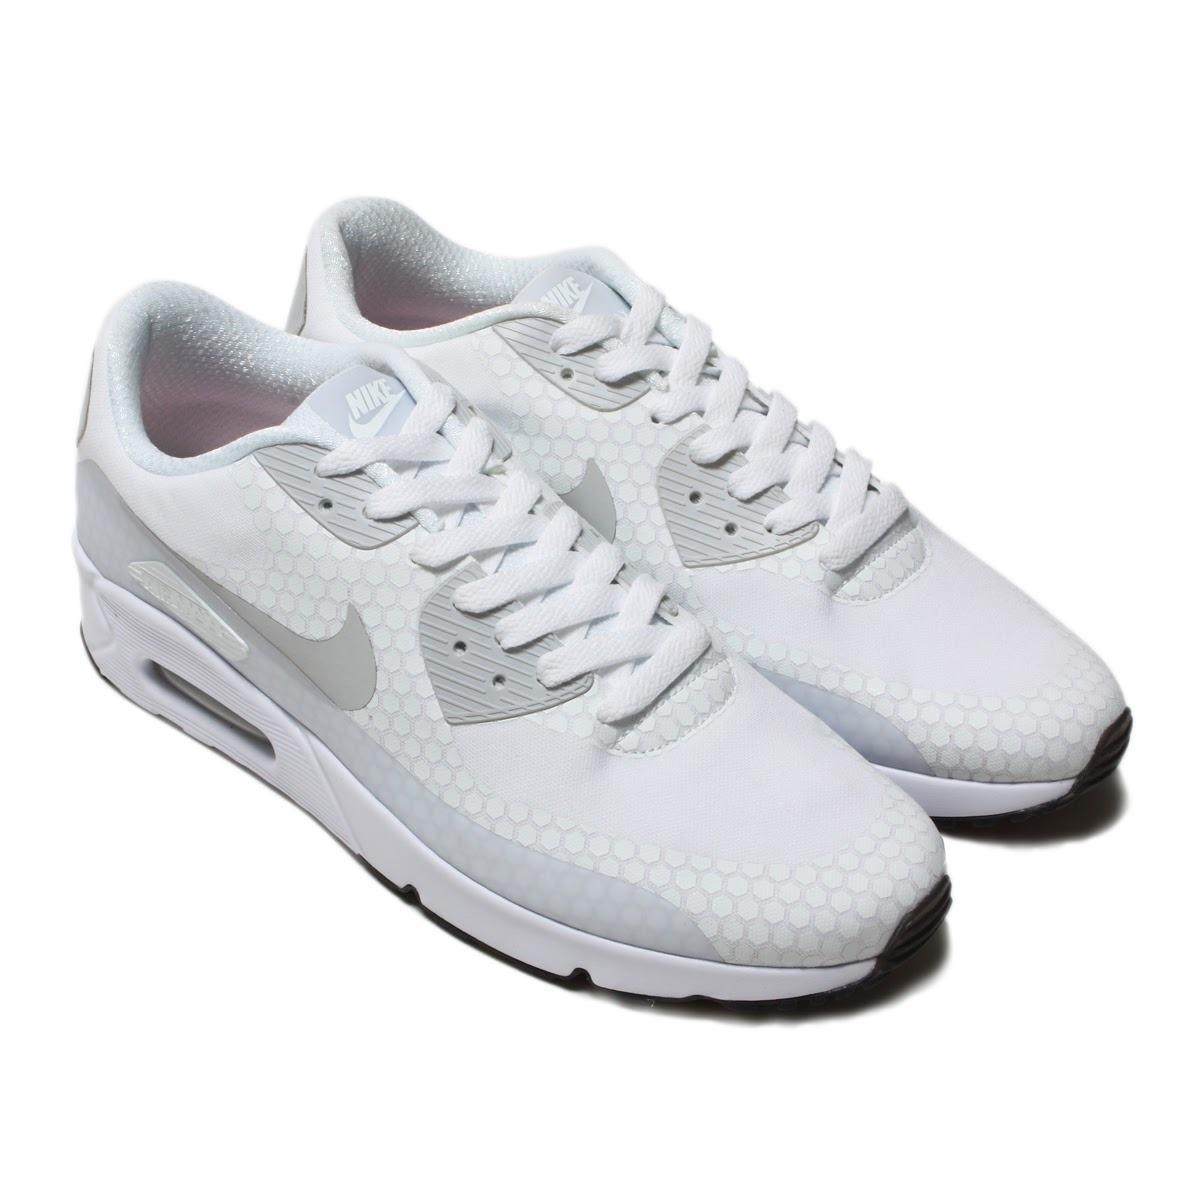 Nike Nike Air Max 90 Ultra 2.0 SE